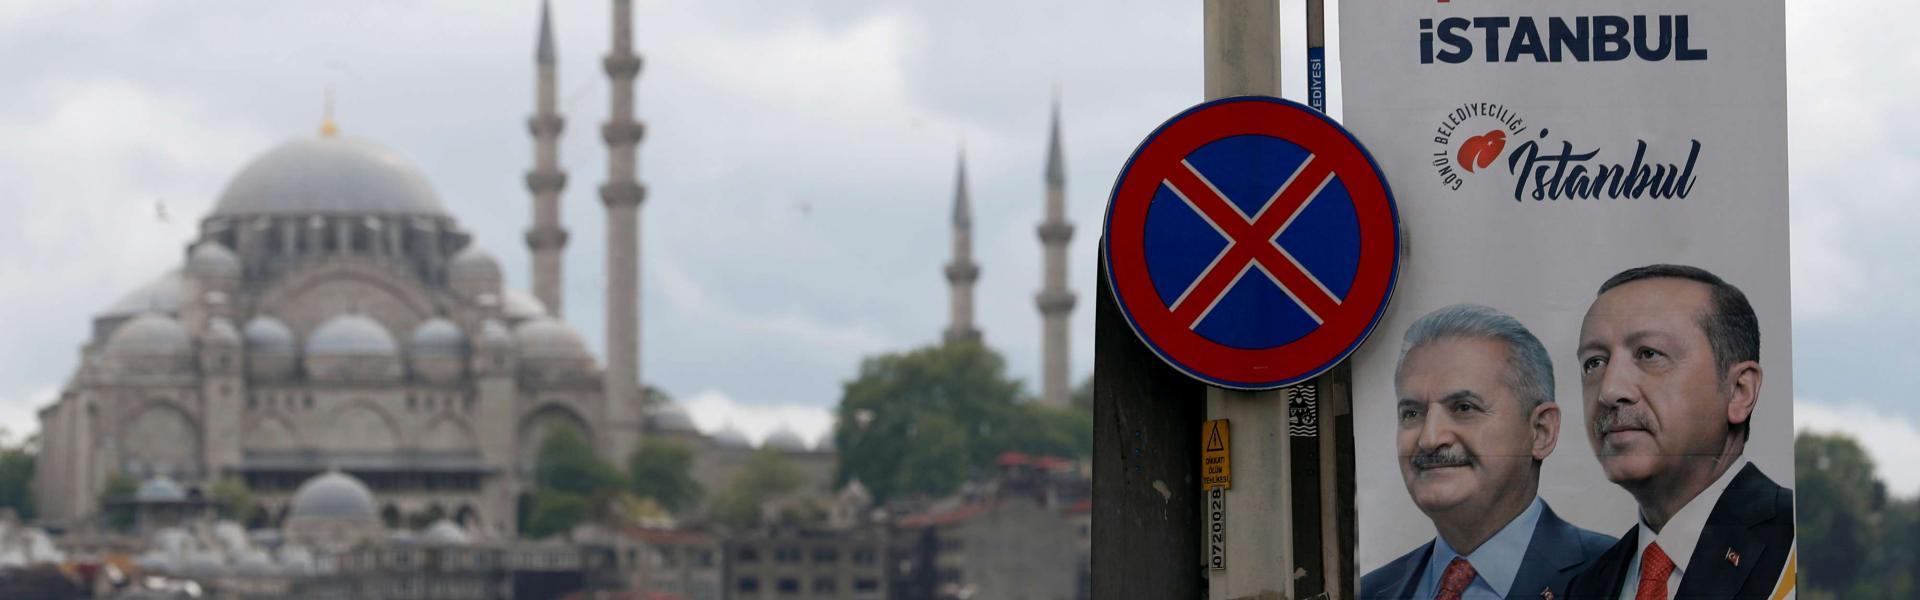 Turkey's Erdoğan changes campaign team for Istanbul rerun